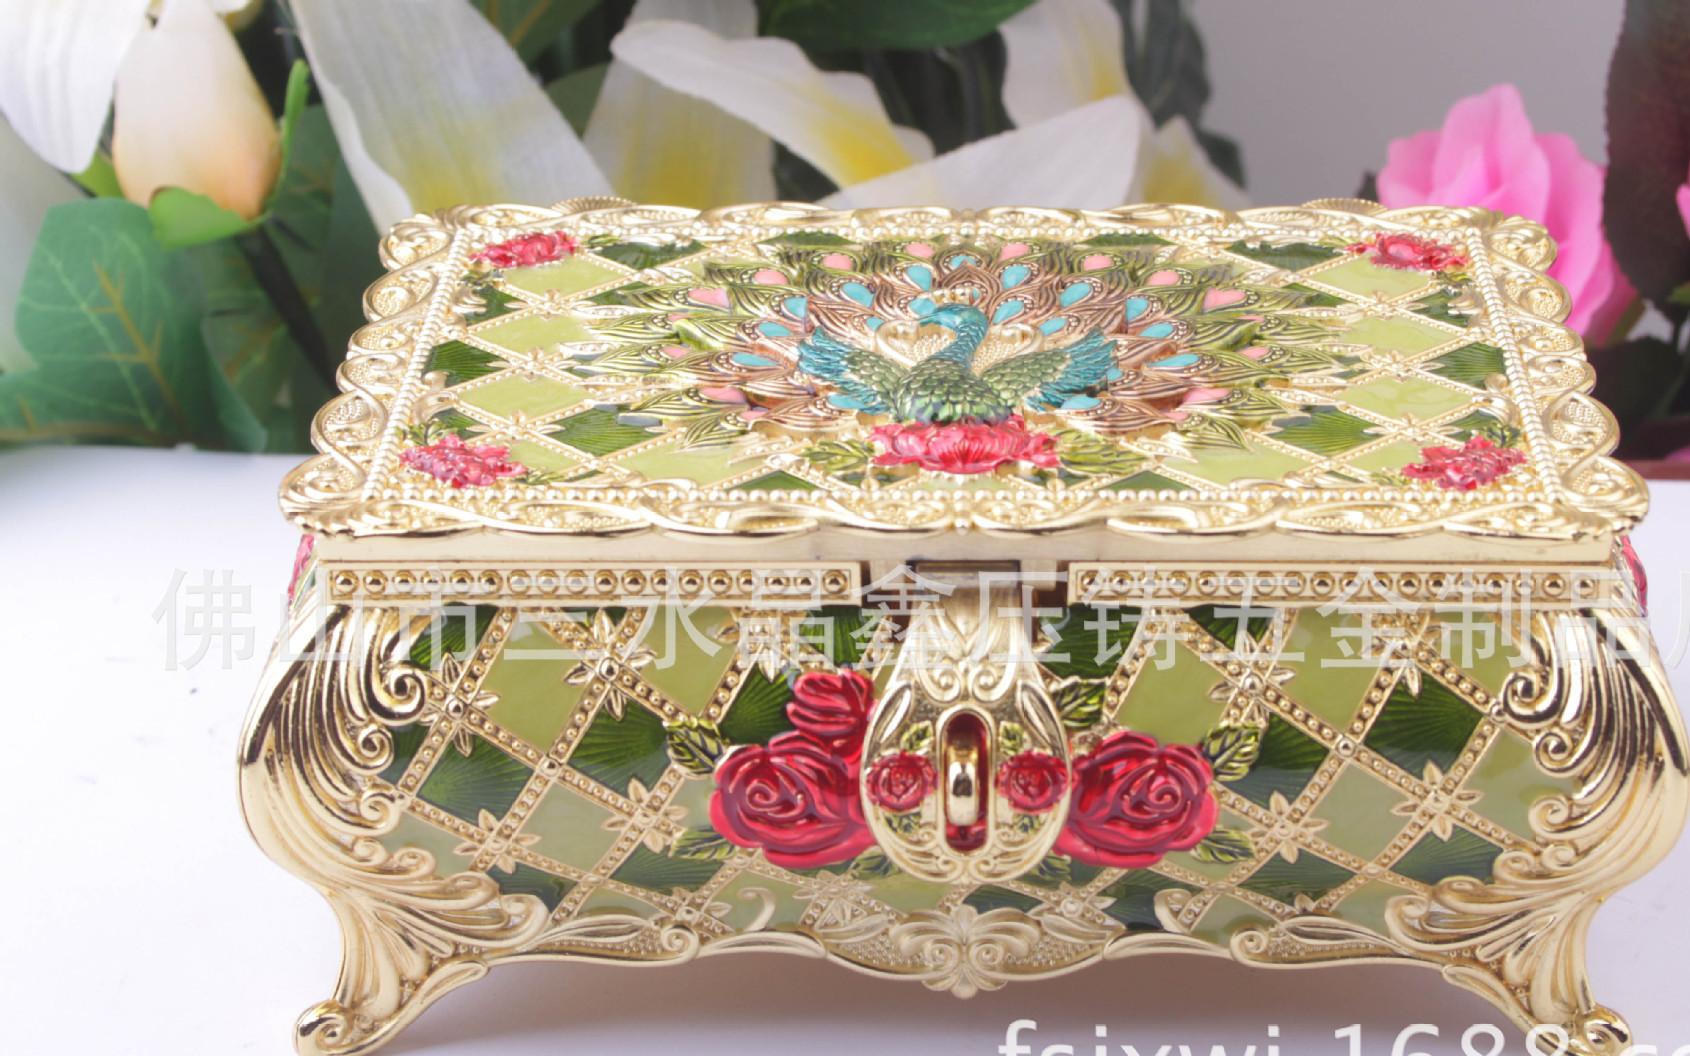 热卖 金属 首饰盒 梳妆台摆饰高档送人精美礼品 锌合金珠宝首饰盒